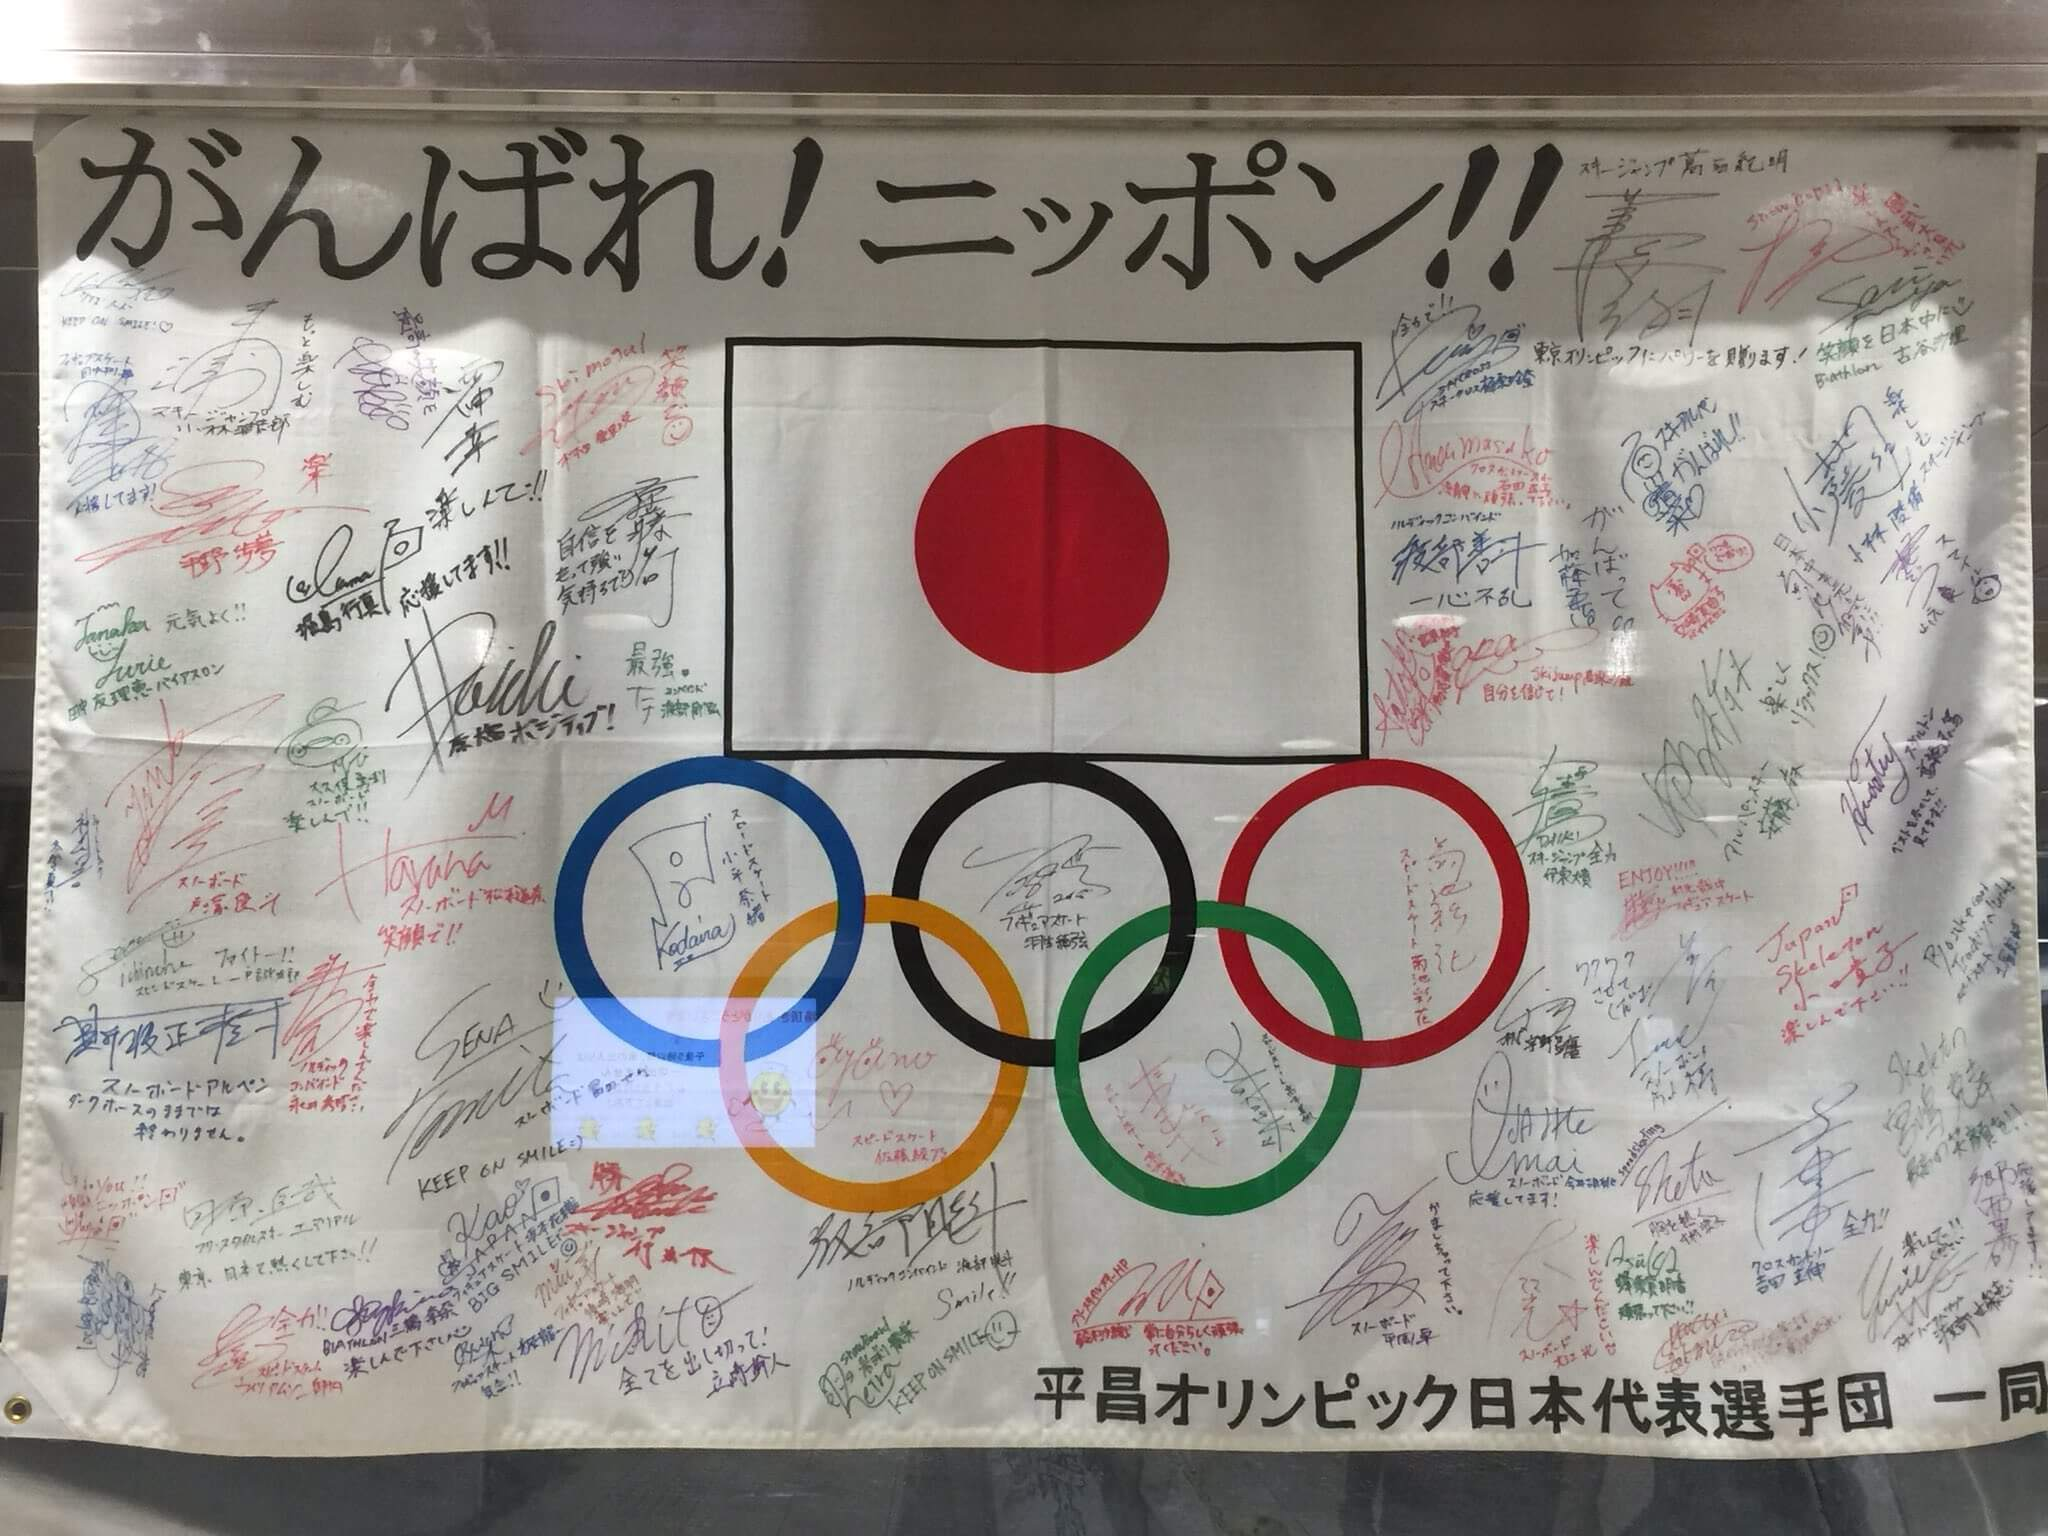 川崎マリエンに平昌五輪メンバーのサインが!羽生結弦はセンター!